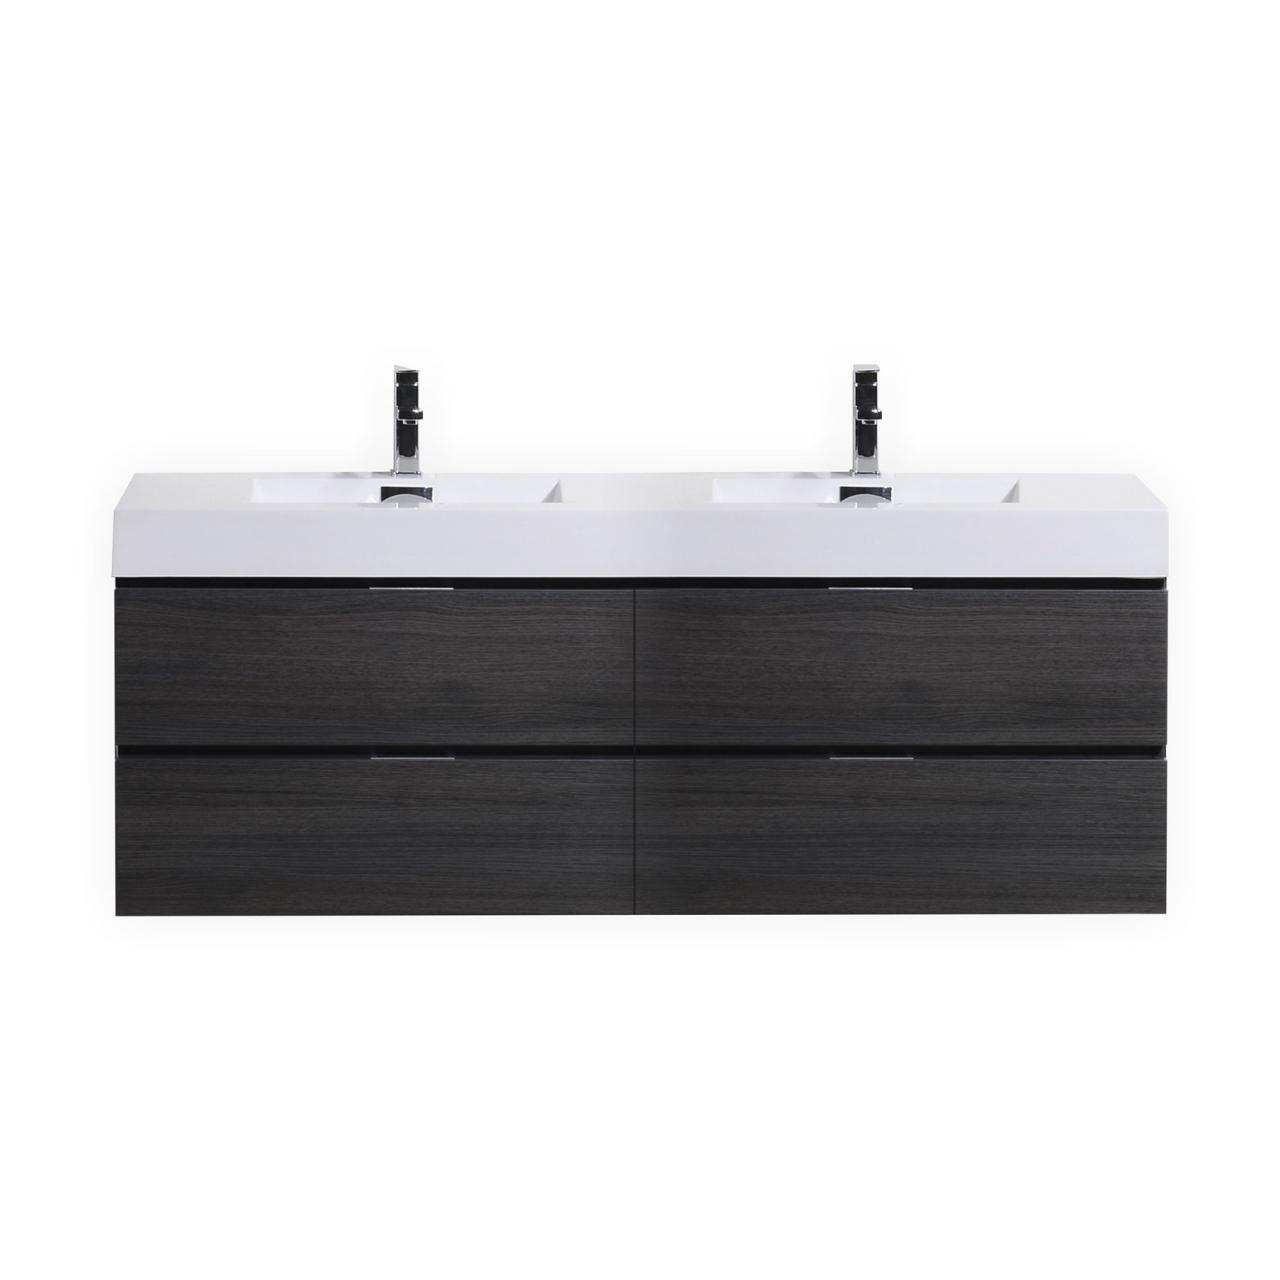 Bliss 80 Gray Oak Wall Mount Double Sink Modern Bathroom Vanity